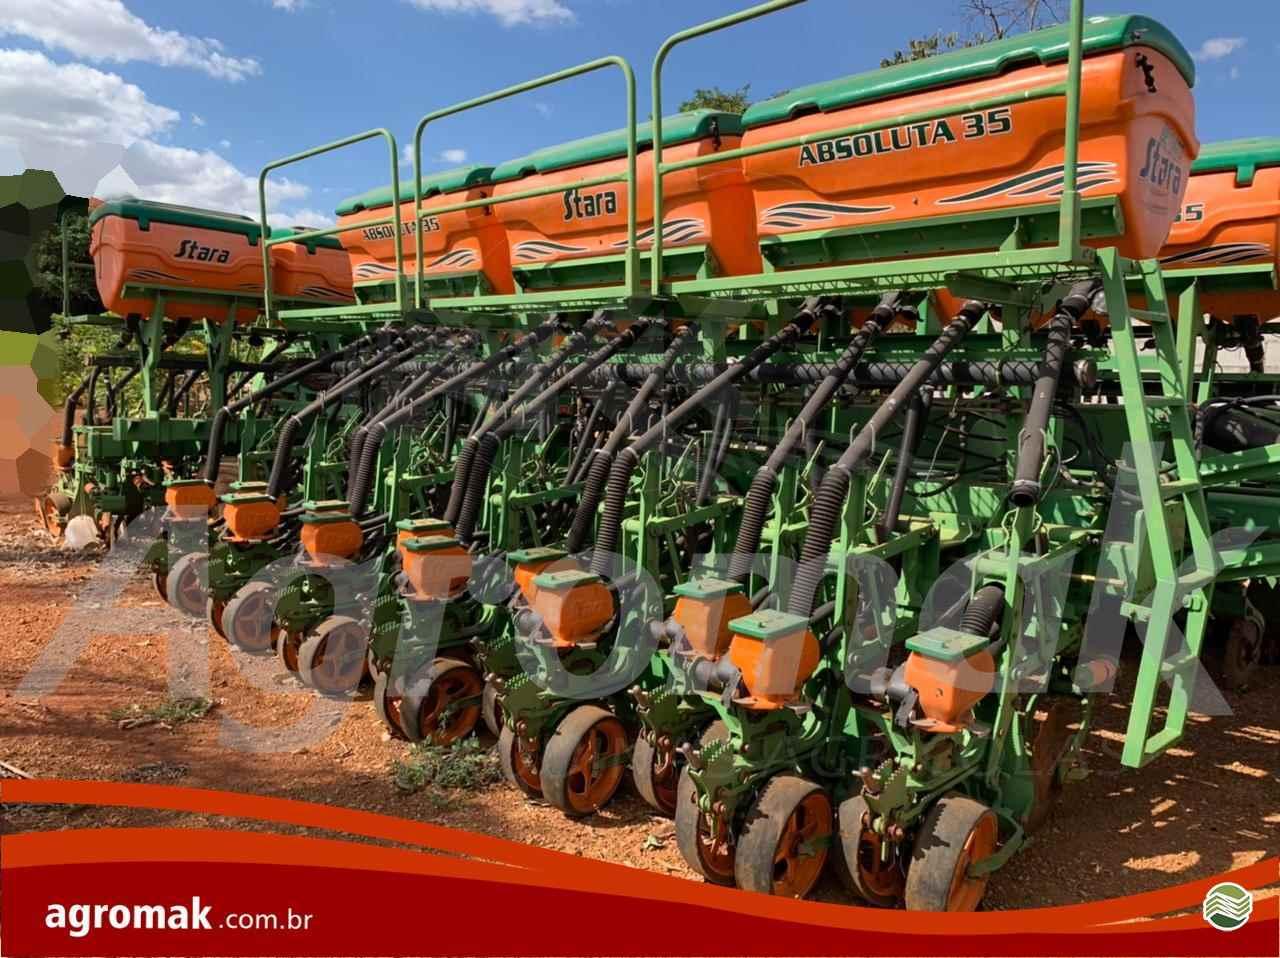 PLANTADEIRA STARA ABSOLUTA 35 Agromak Máquinas Agrícolas CAMPO VERDE MATO GROSSO MT